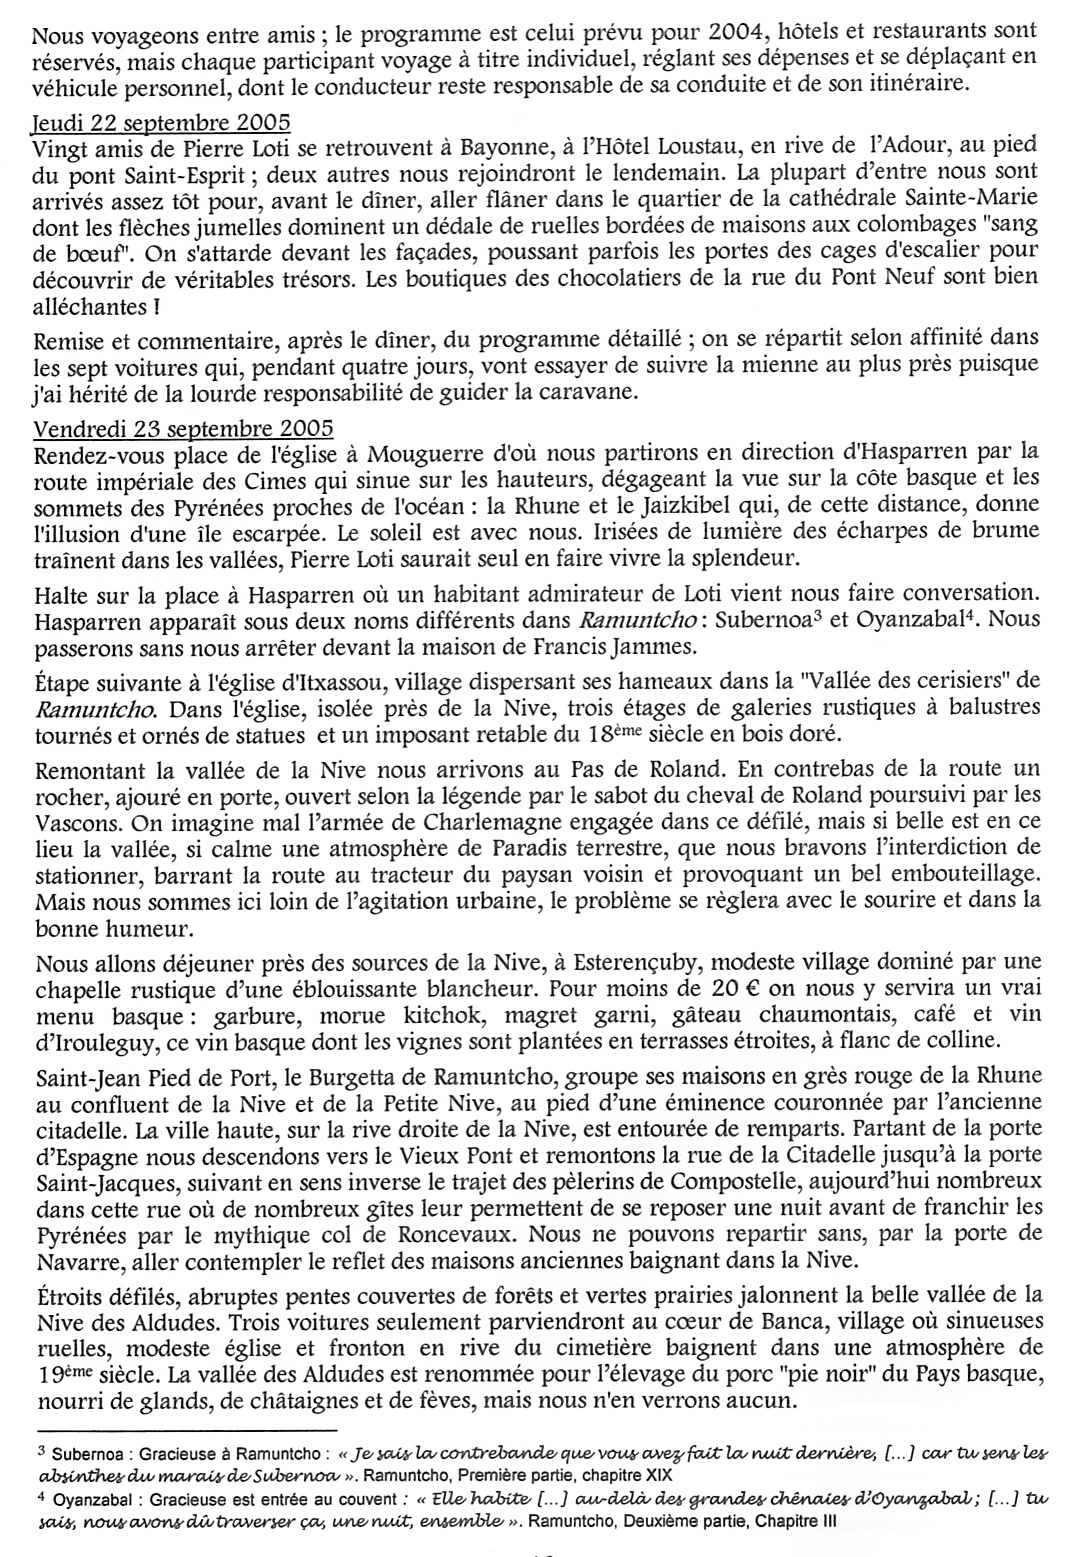 voyage au pays de Ramuntcho-page2(16)+